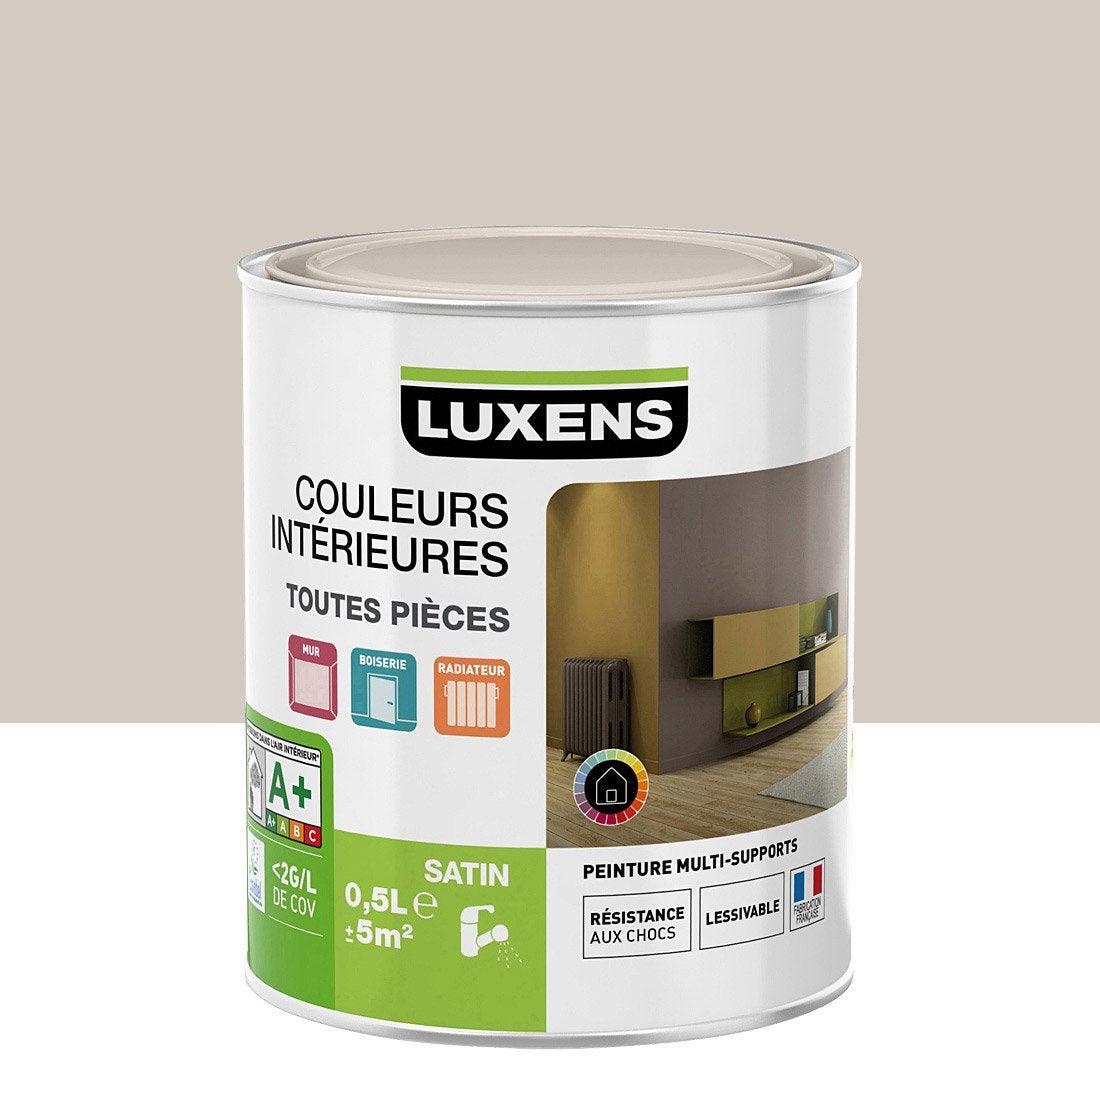 Peinture Gris Dor 6 Luxens Couleurs Int Rieures Satin 0 5